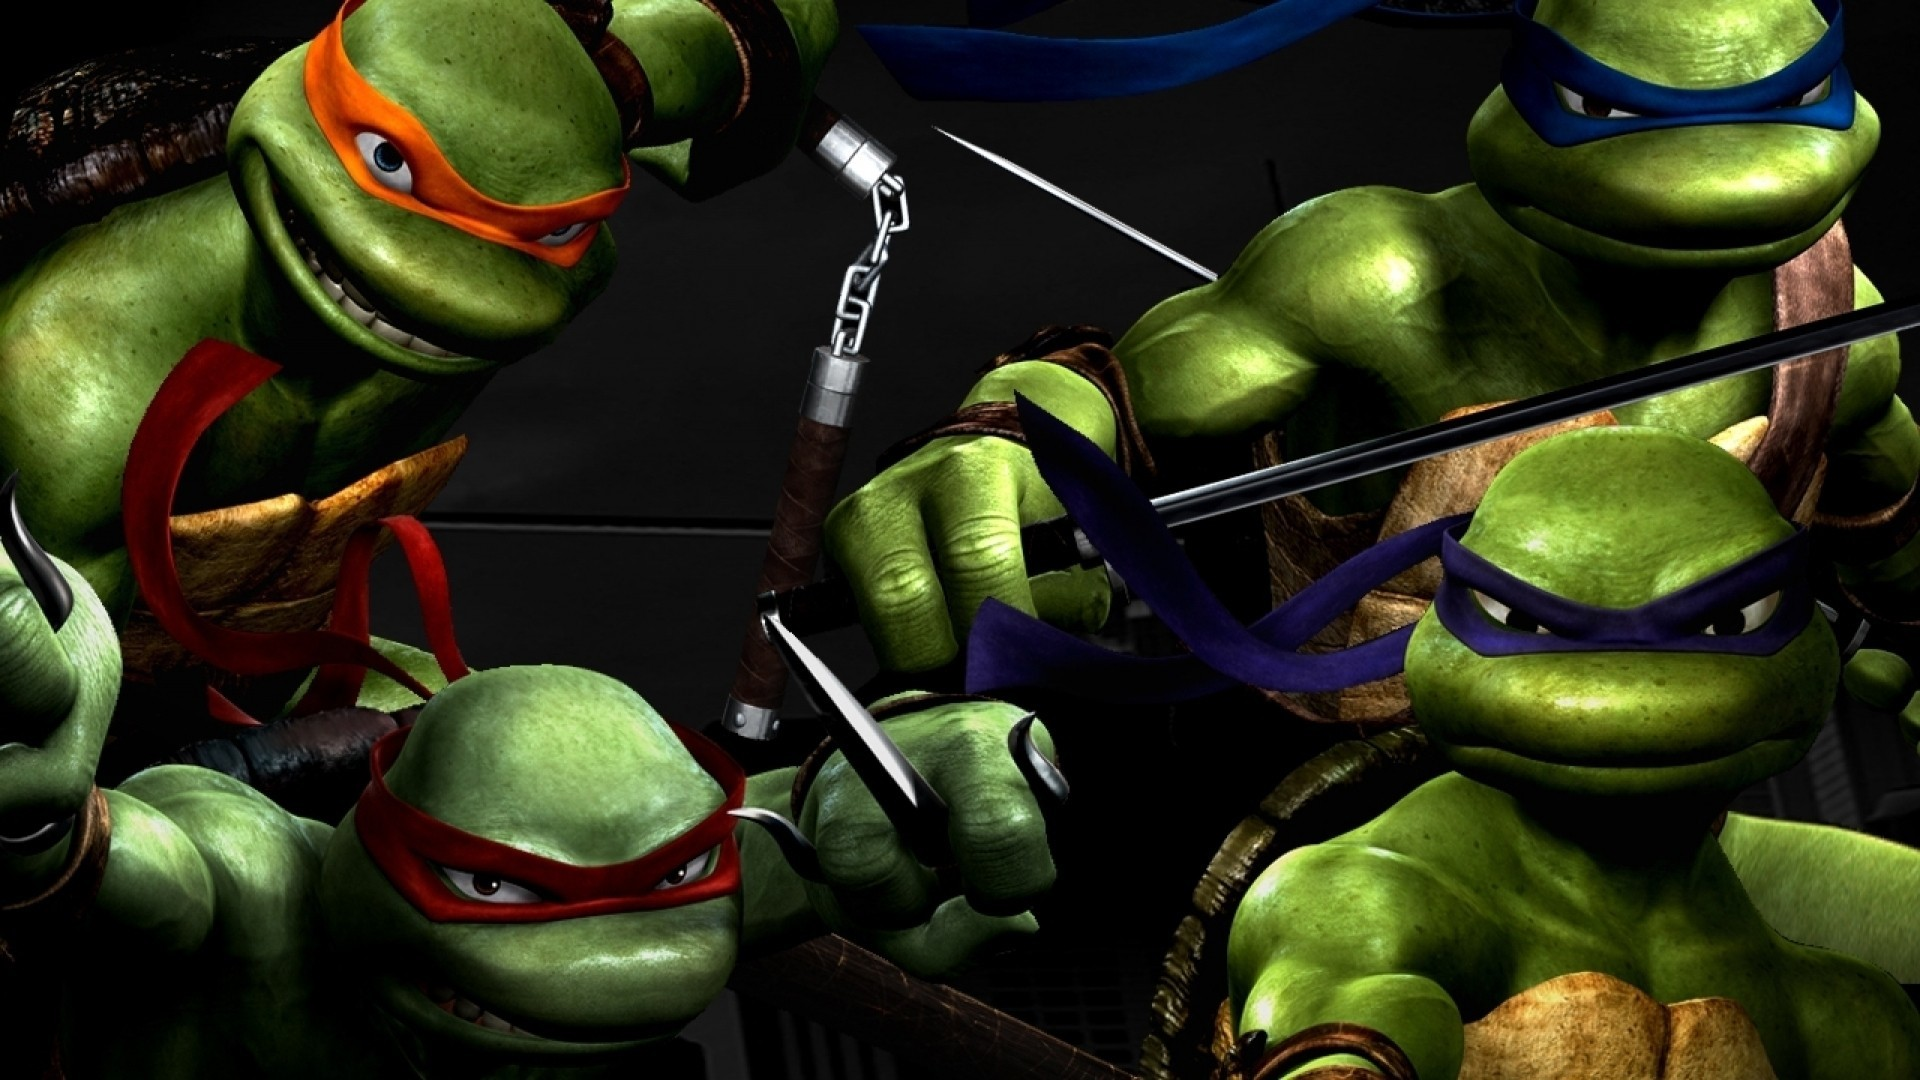 Michelangelo Teenage Mutant Ninja Turtles HD desktop wallpaper   Adorable  Wallpapers   Pinterest   Ninja turtles, Hd desktop and Michelangelo